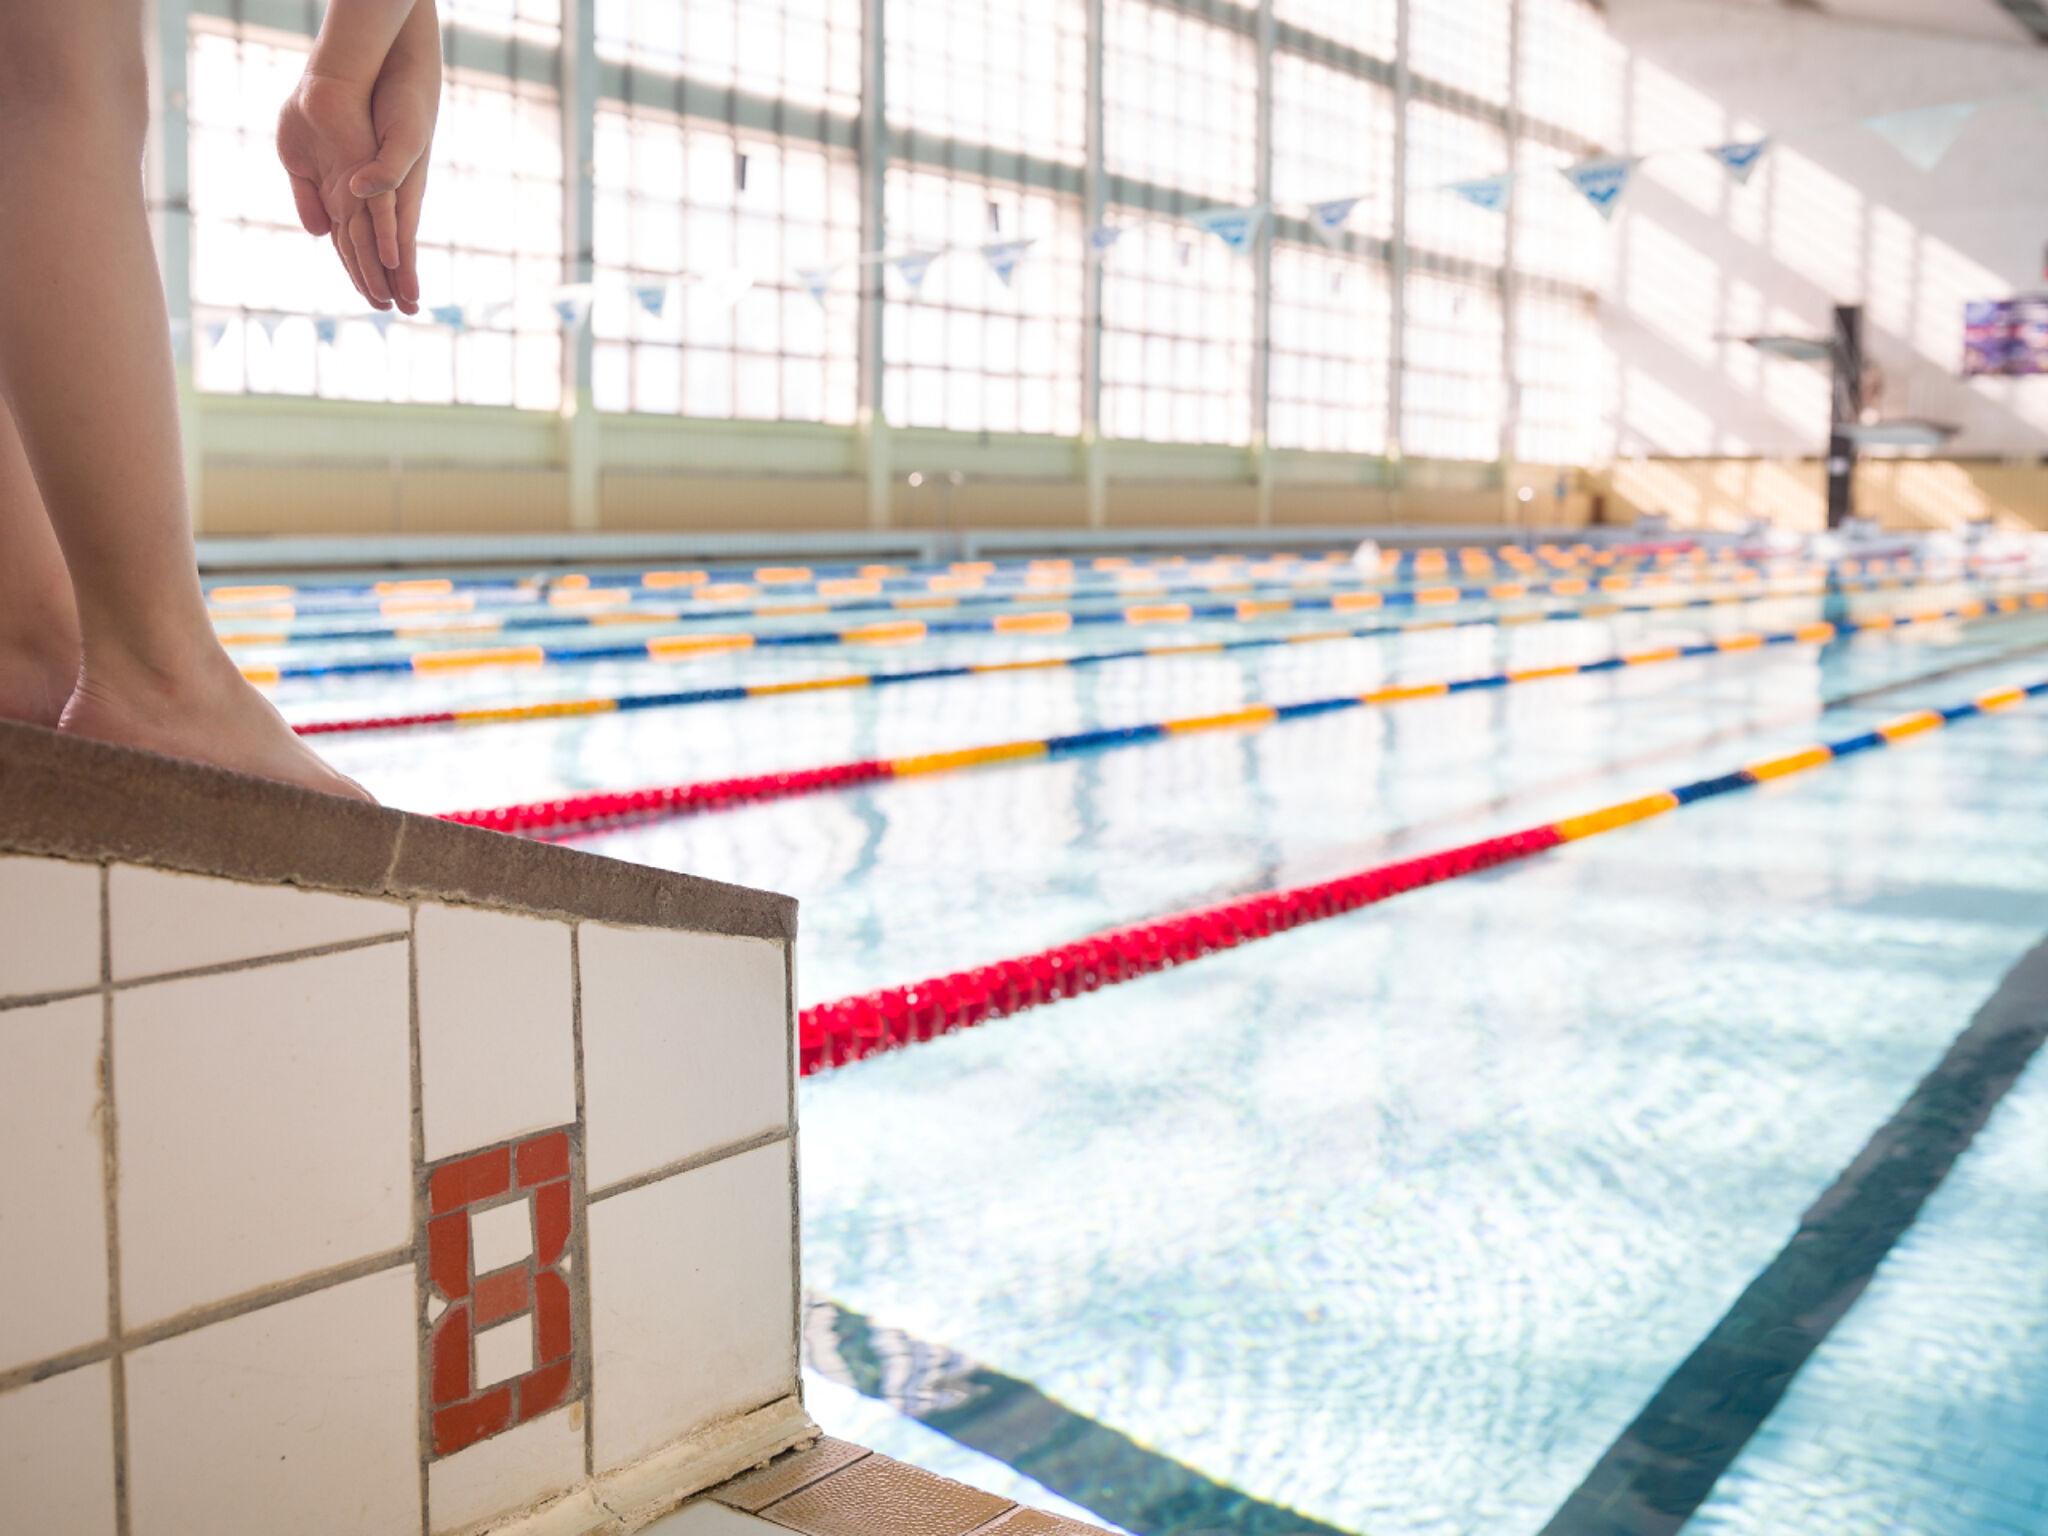 プールで飛び込みをしようとしている子どもの画像